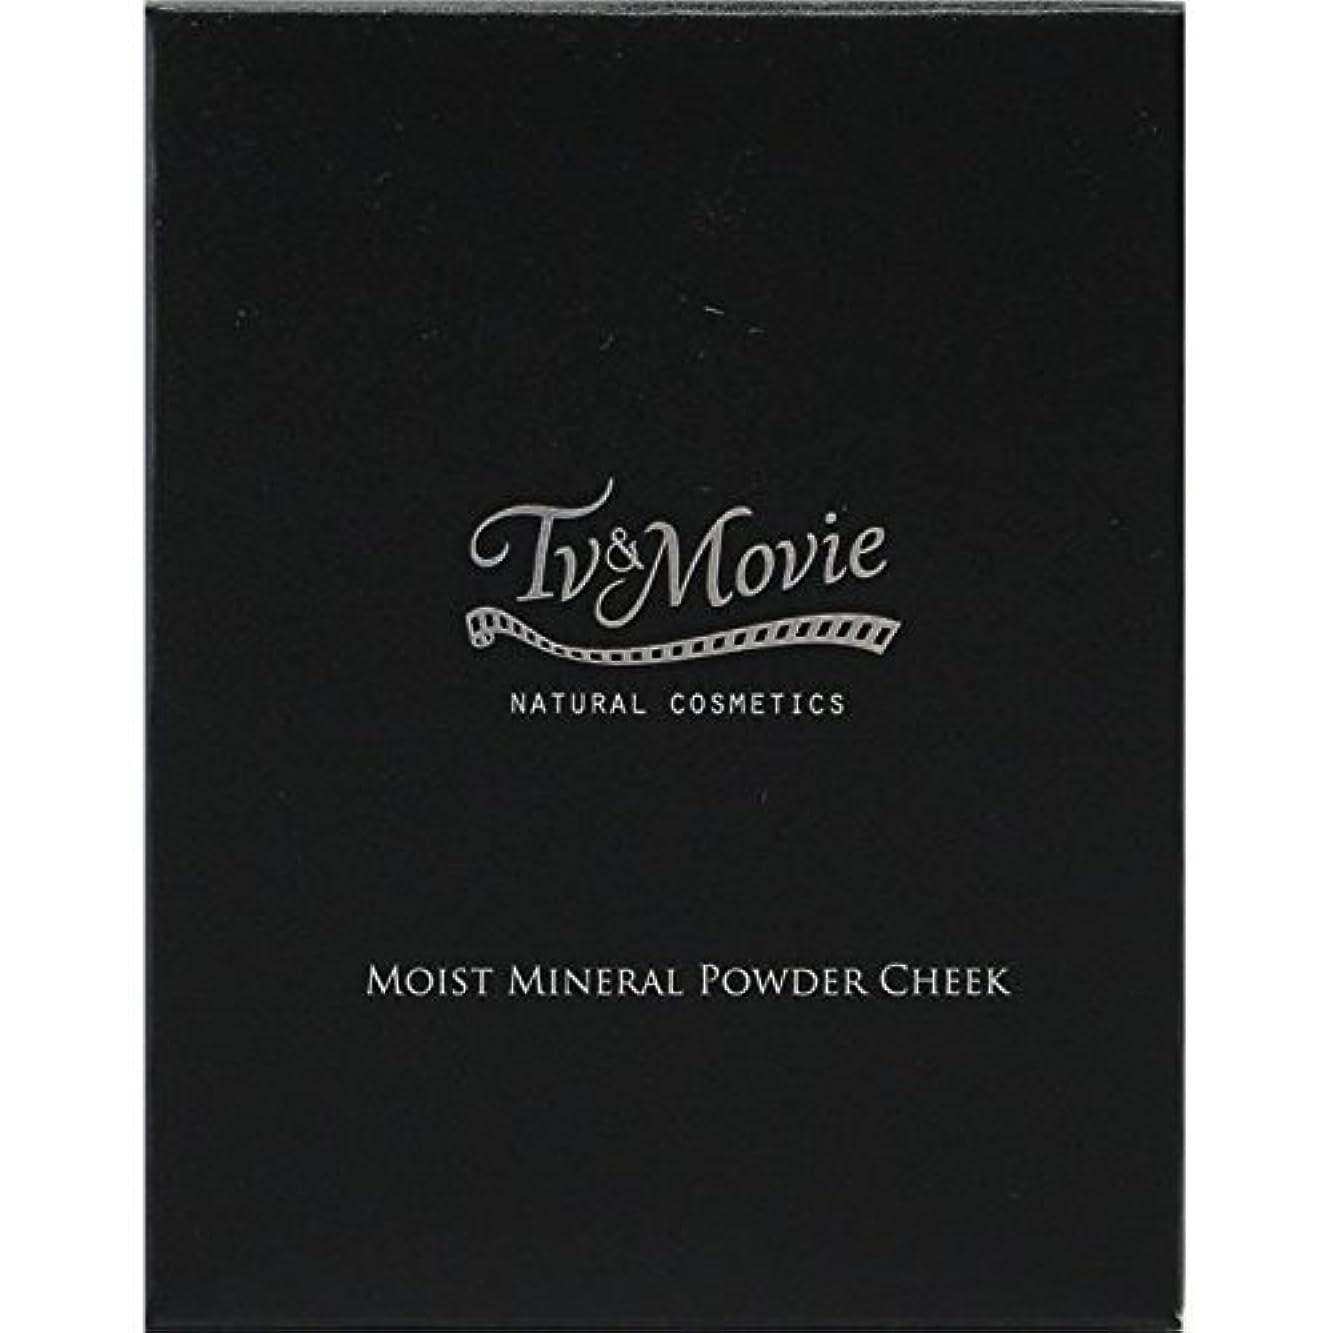 不一致キャリッジランデブーTv&Movie モイストミネラル パウダーチーク 02 スイートオレンジ 5g